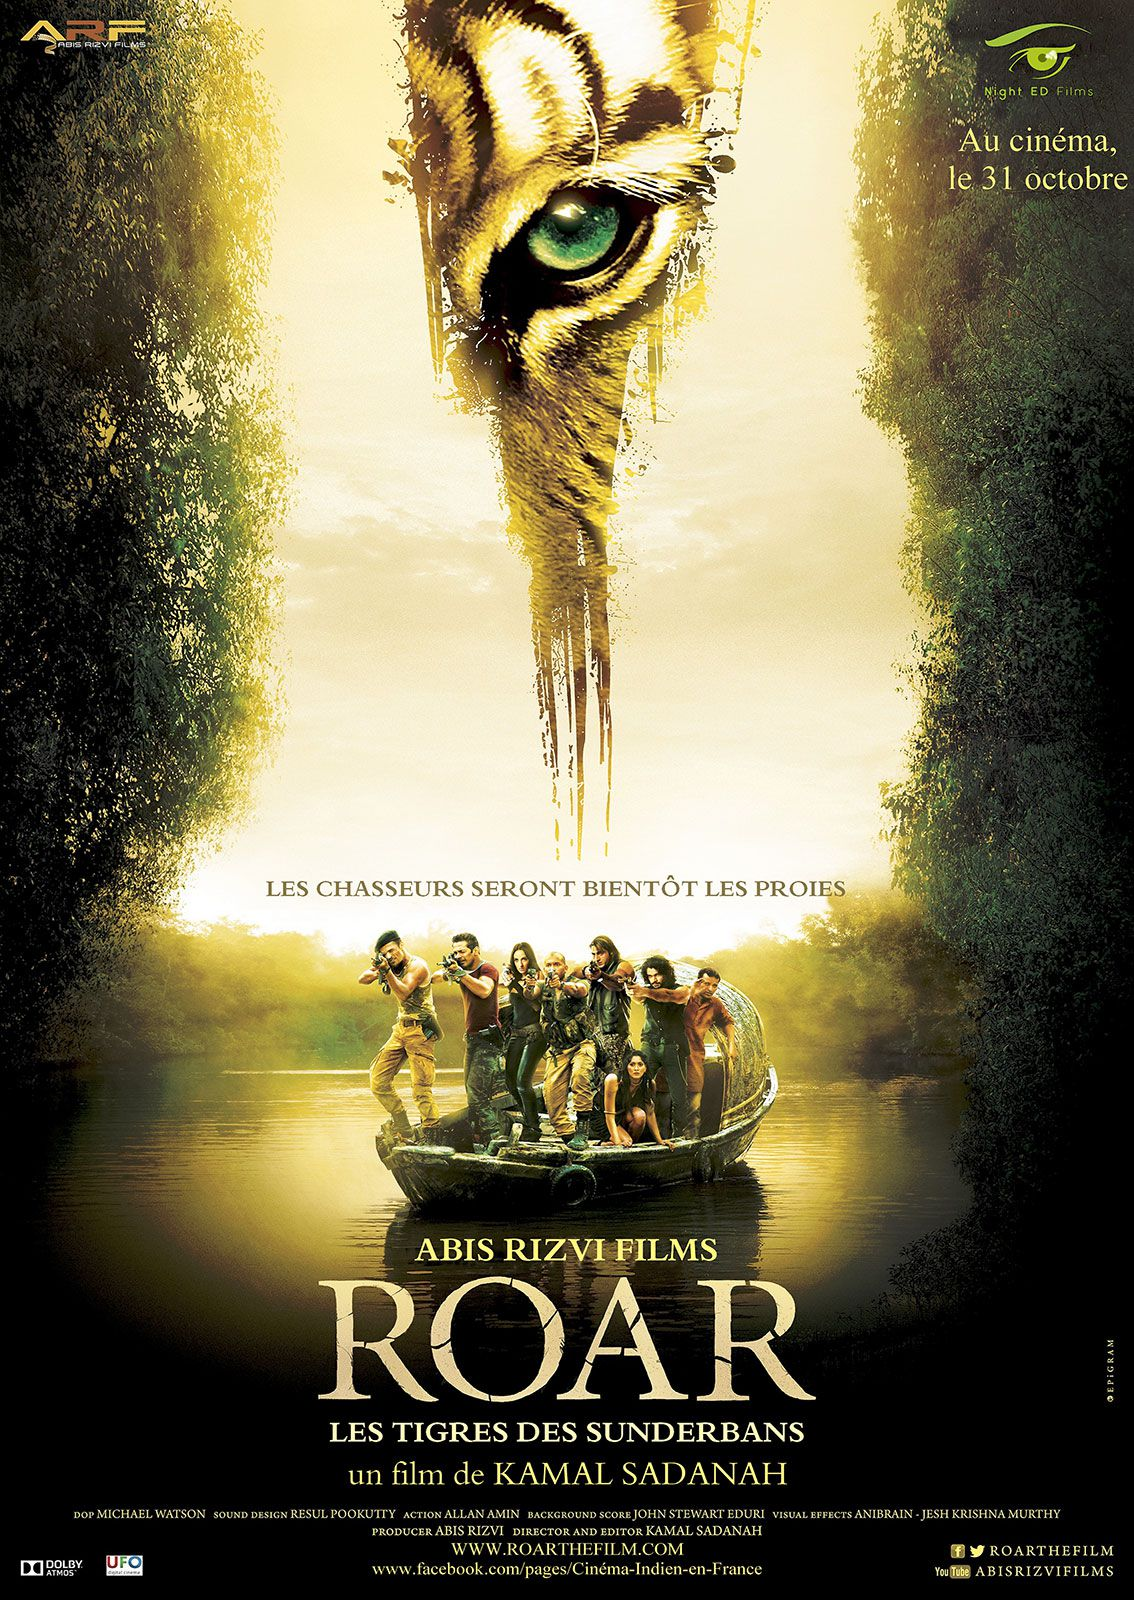 ROAR – Les Tigres des Sunderbans - Film (2014)